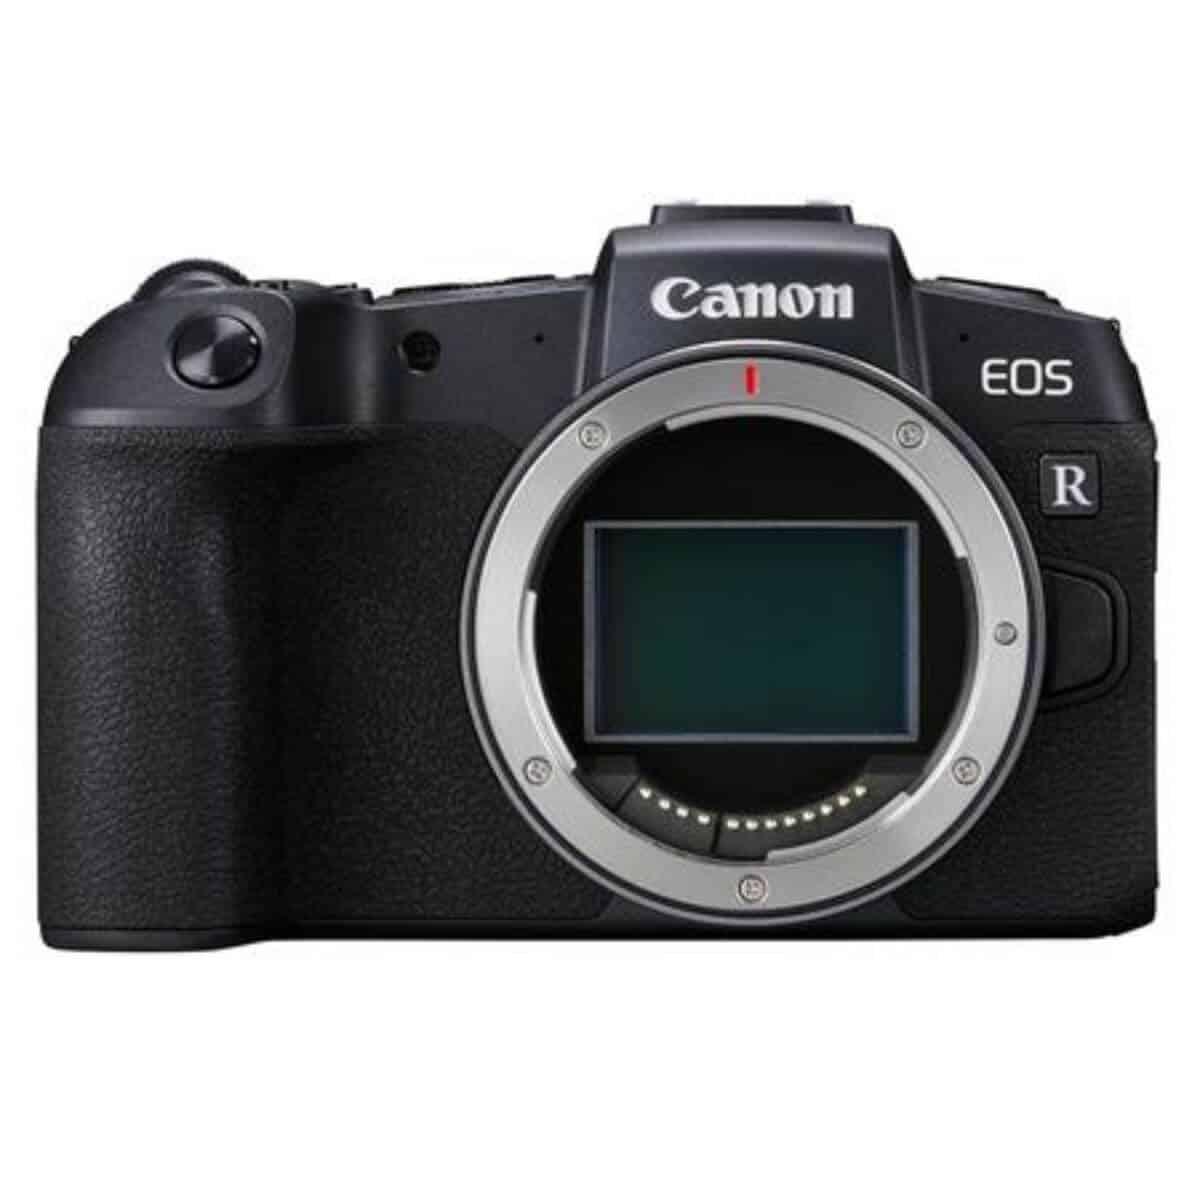 Canon EOS RP camera.